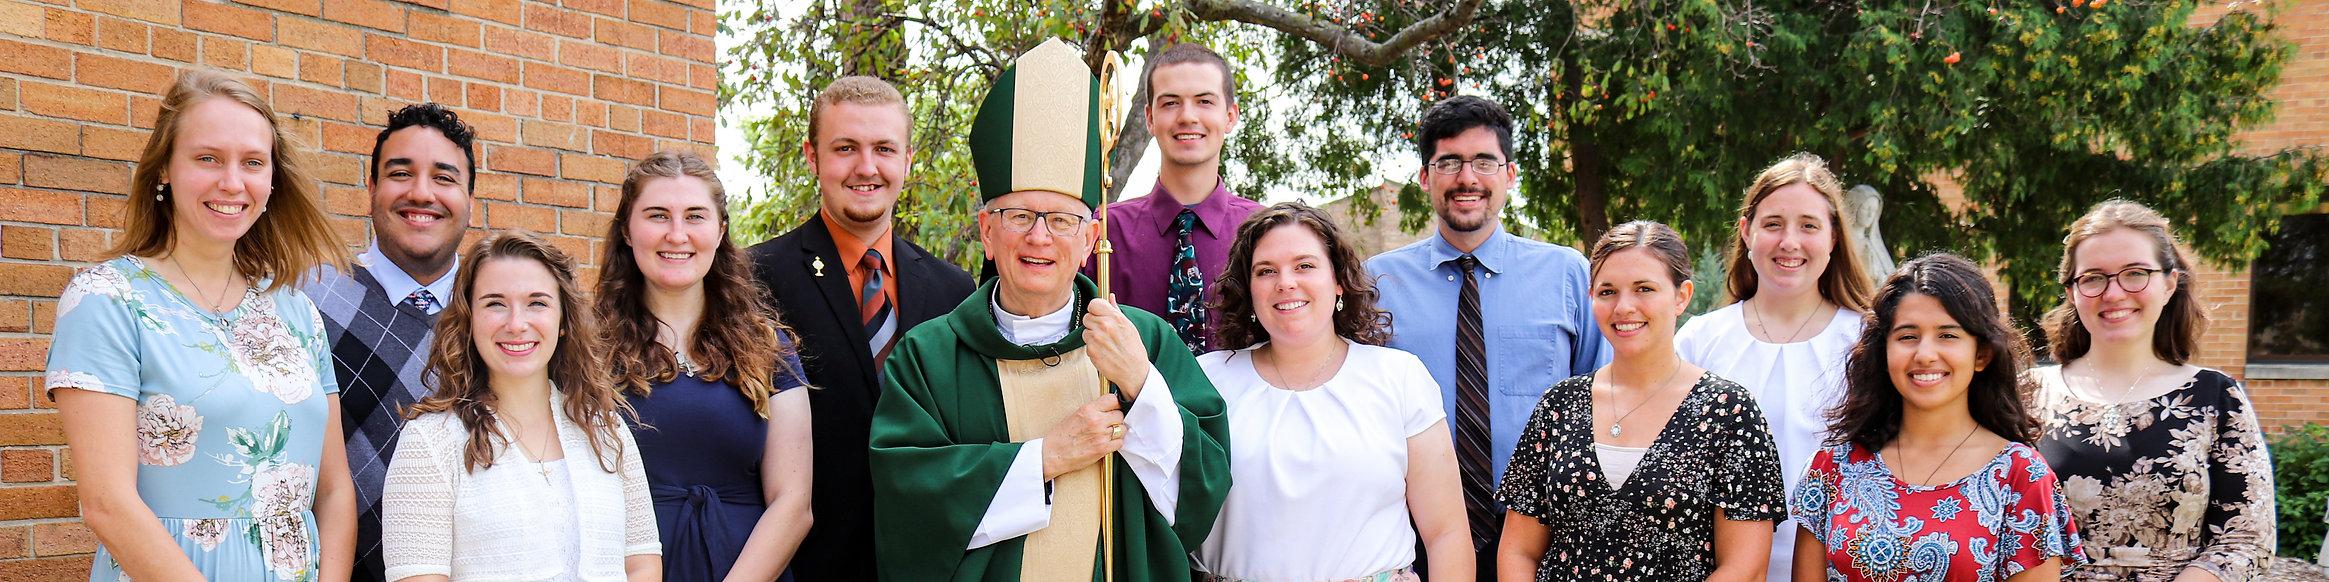 Bishop Team Banner.jpg